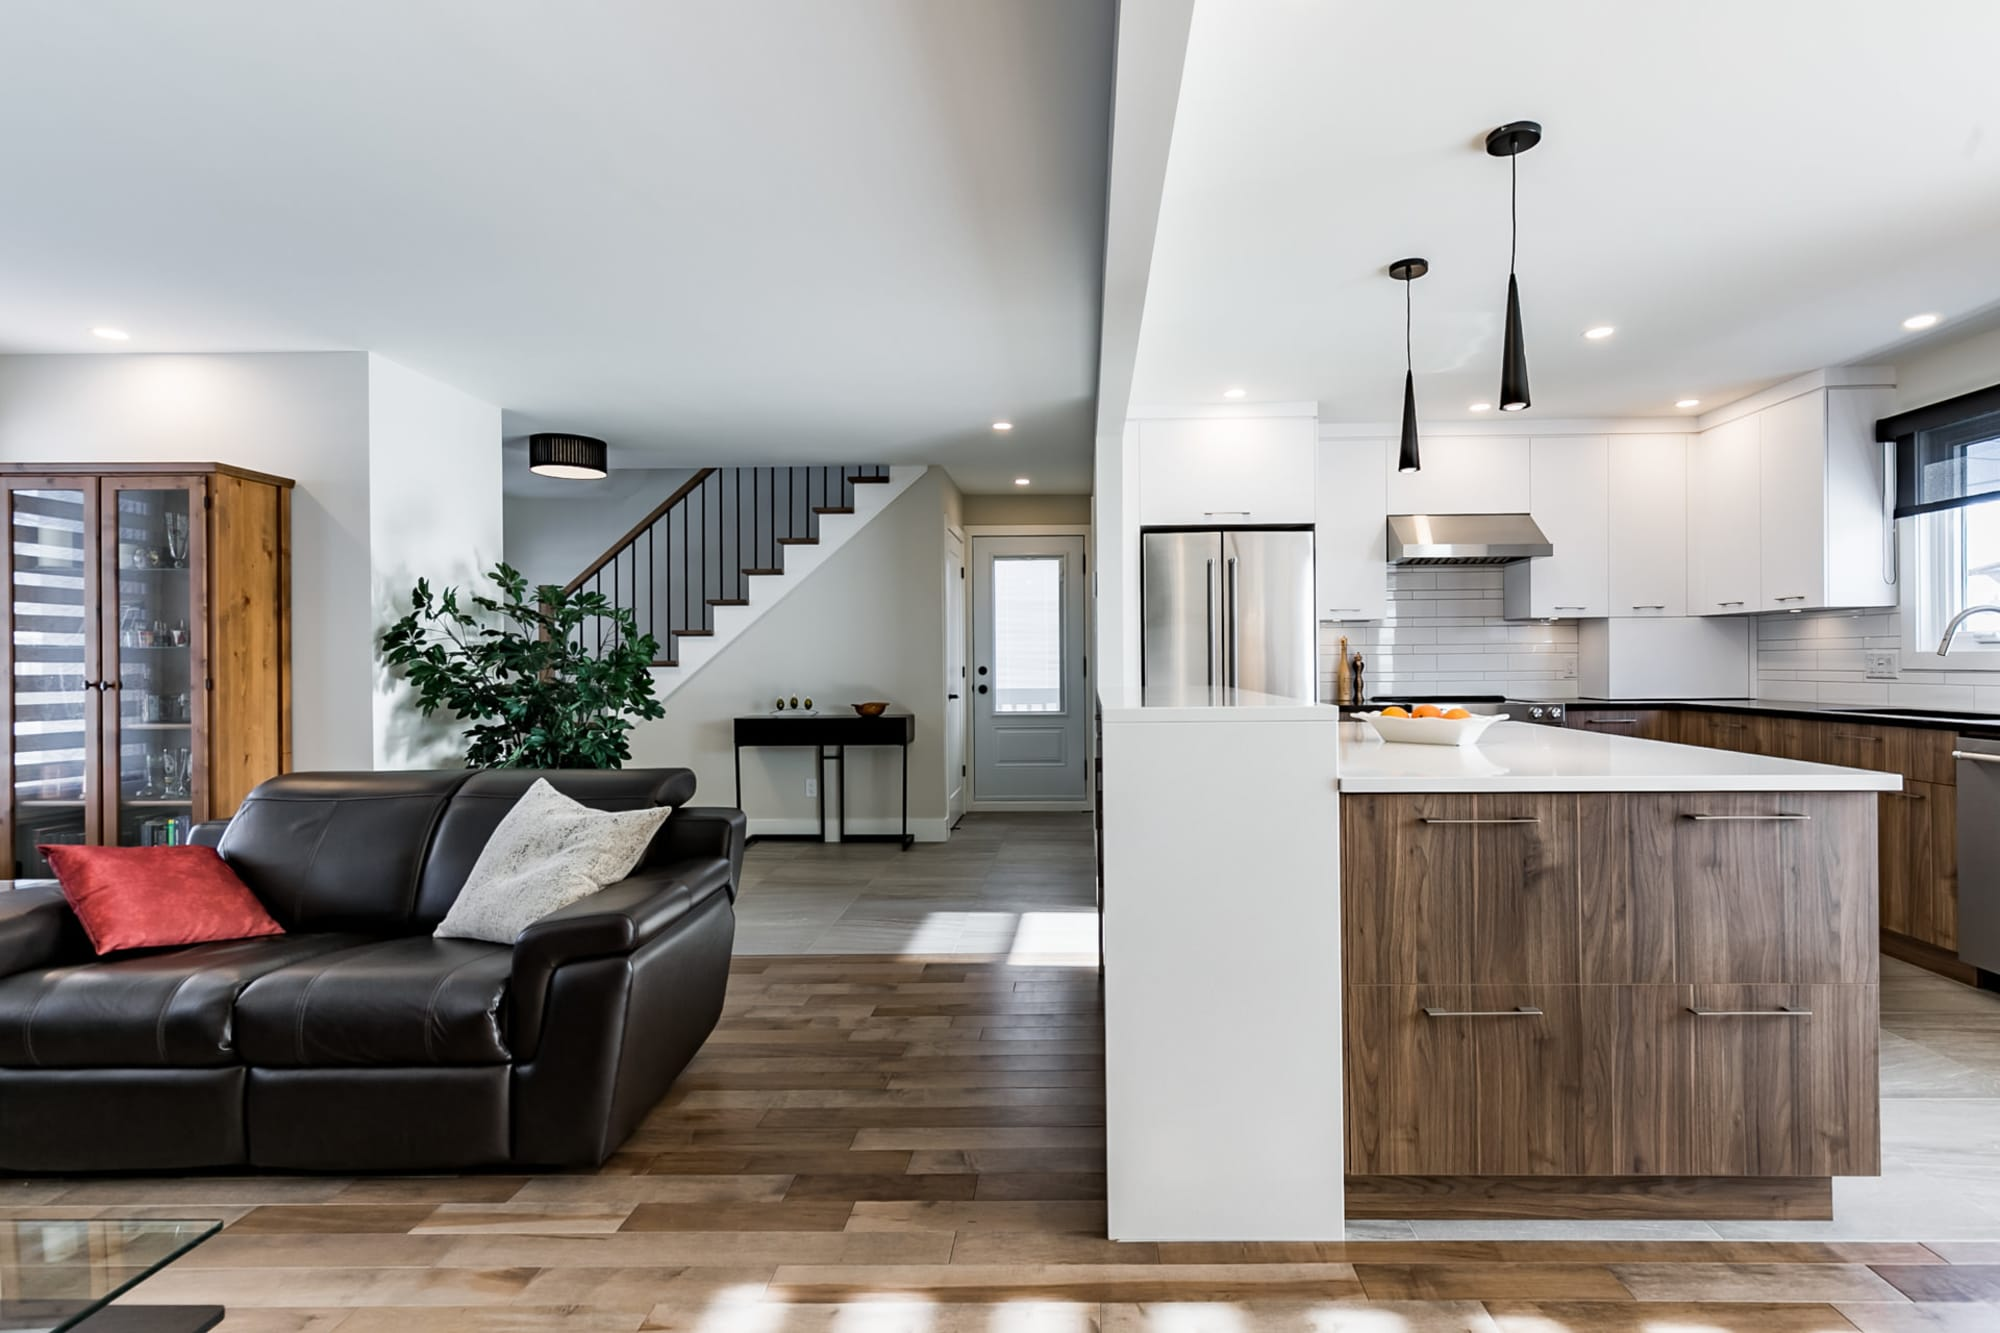 Salon Et Cuisine Aire Ouverte transformation complète d'un rez-de-chaussée | projet chicoine